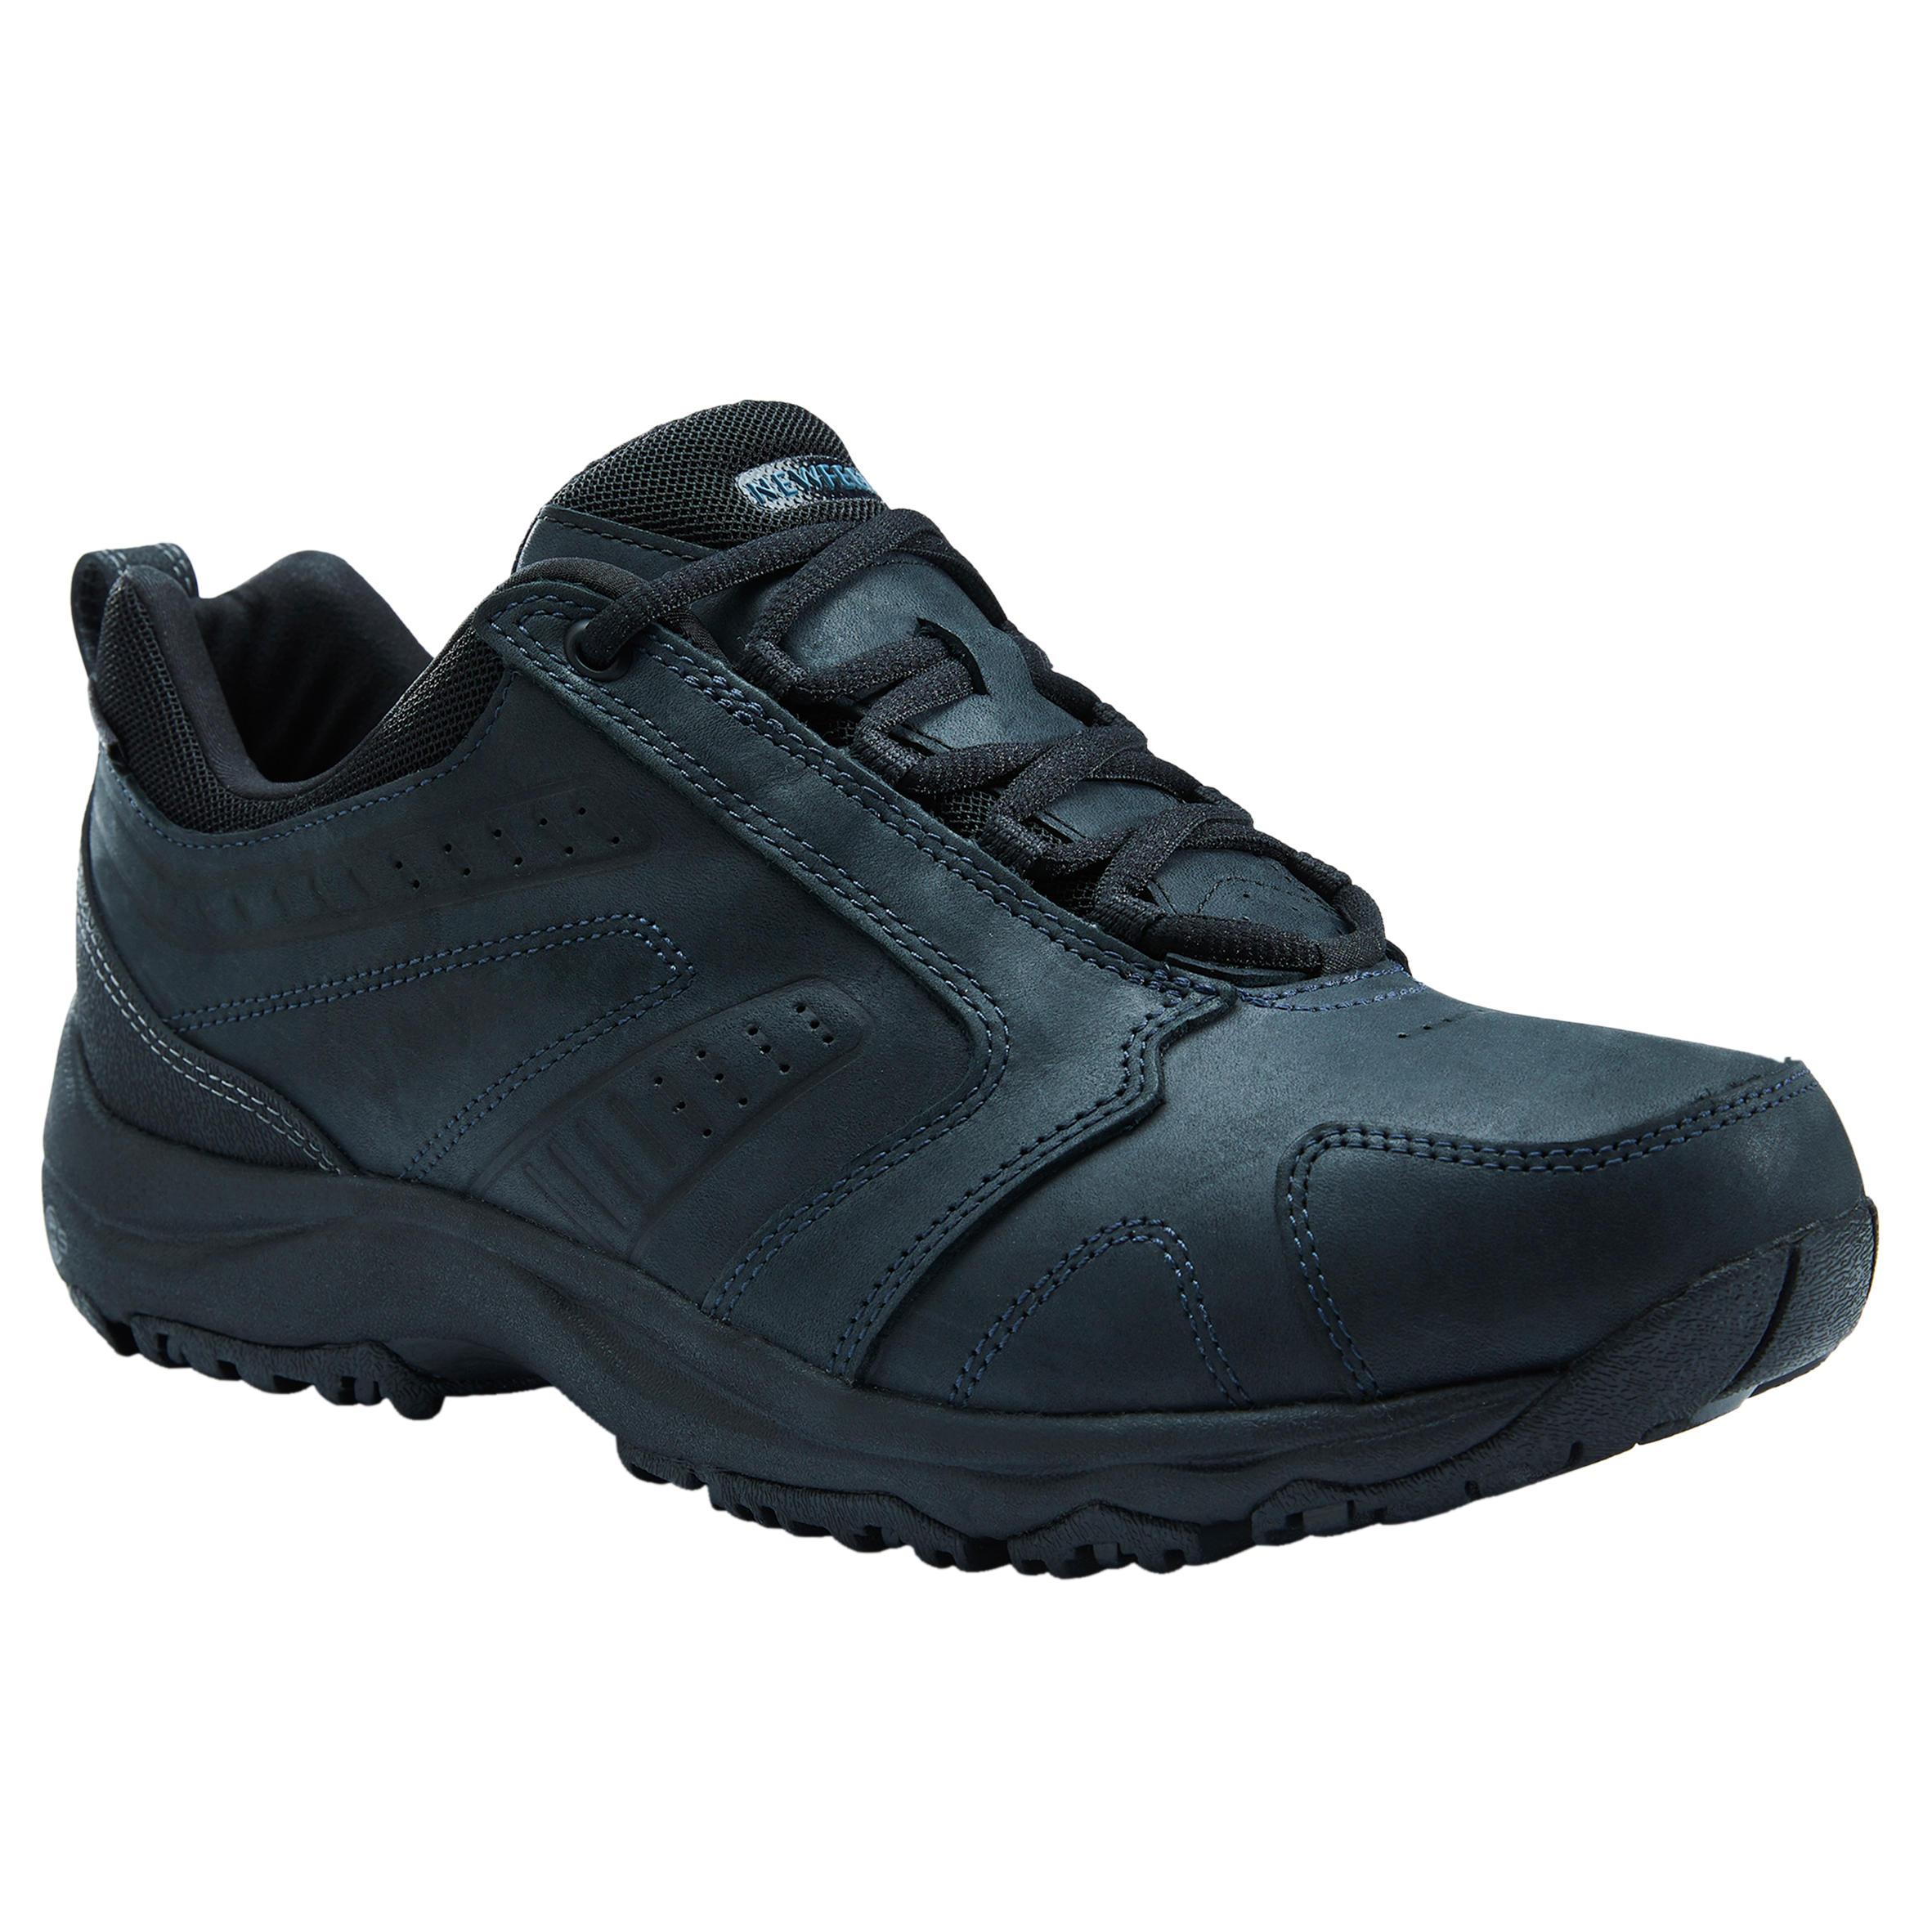 NEWFEEL Chaussures marche sportive homme Nakuru Waterproof imperméable cuir noir - NEWFEEL - 48